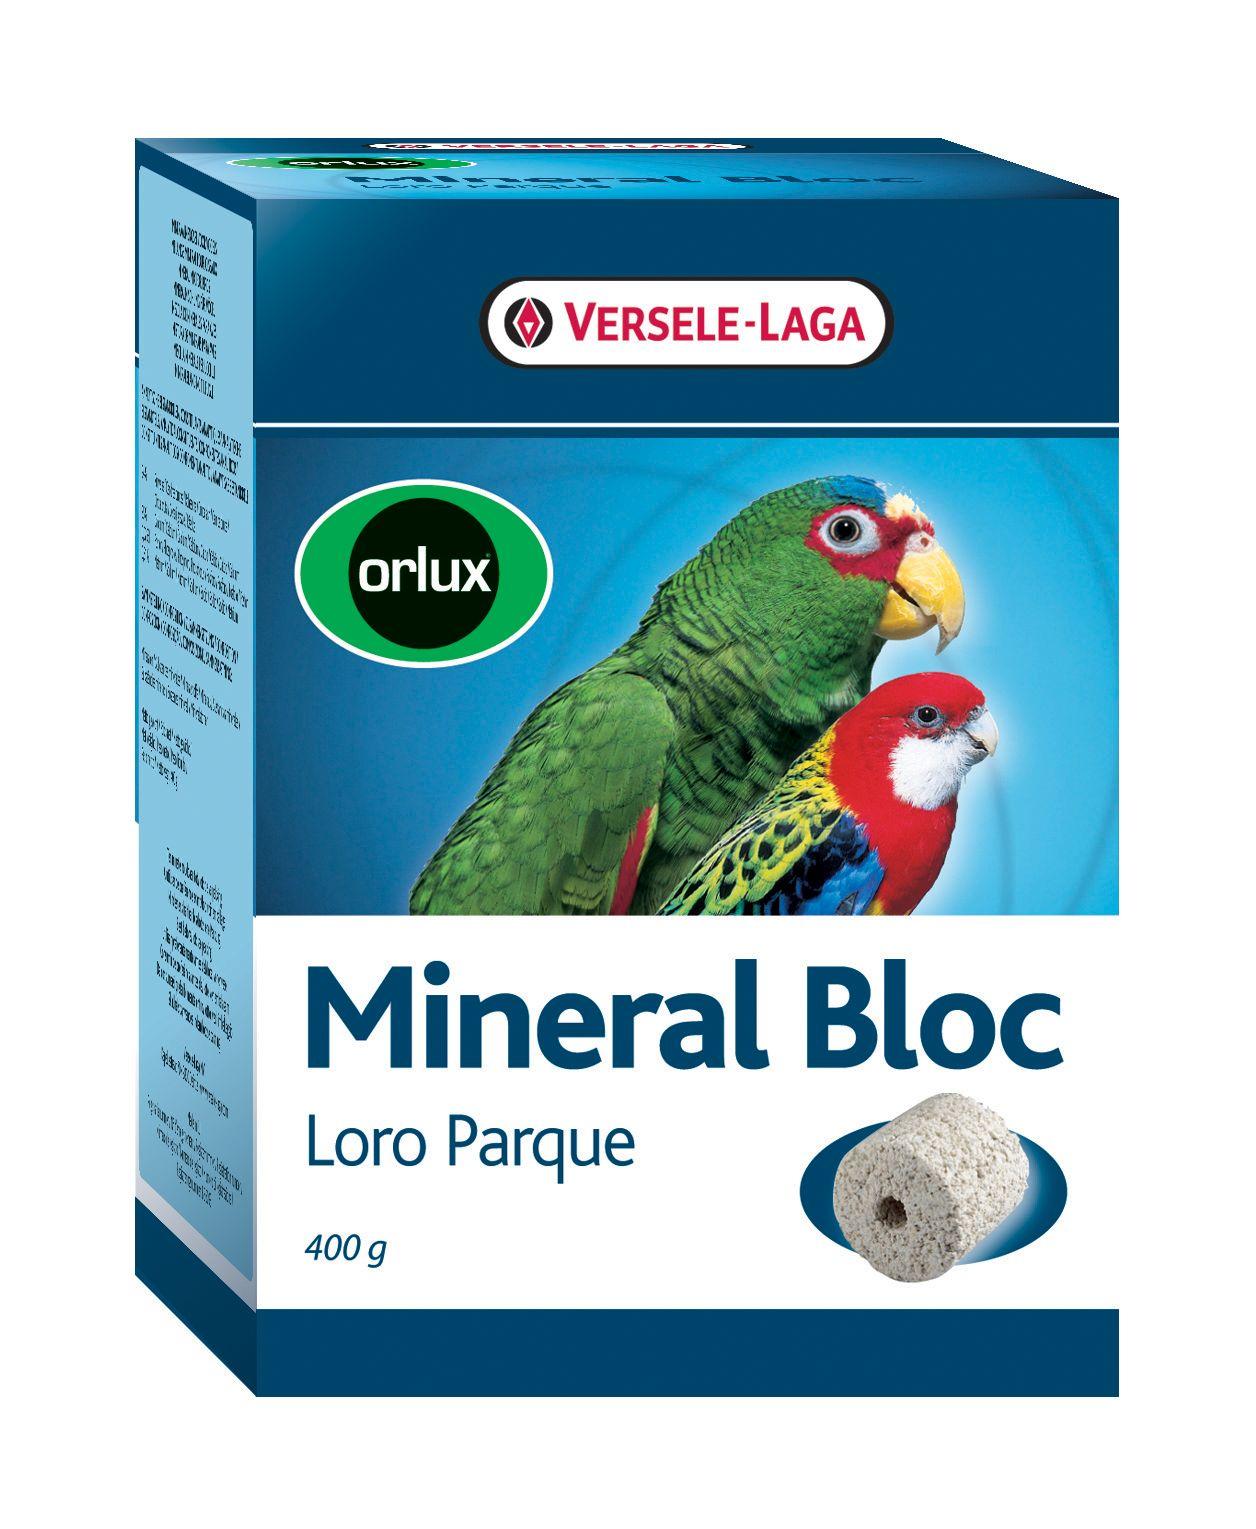 Mineral bloc loro parque 400g